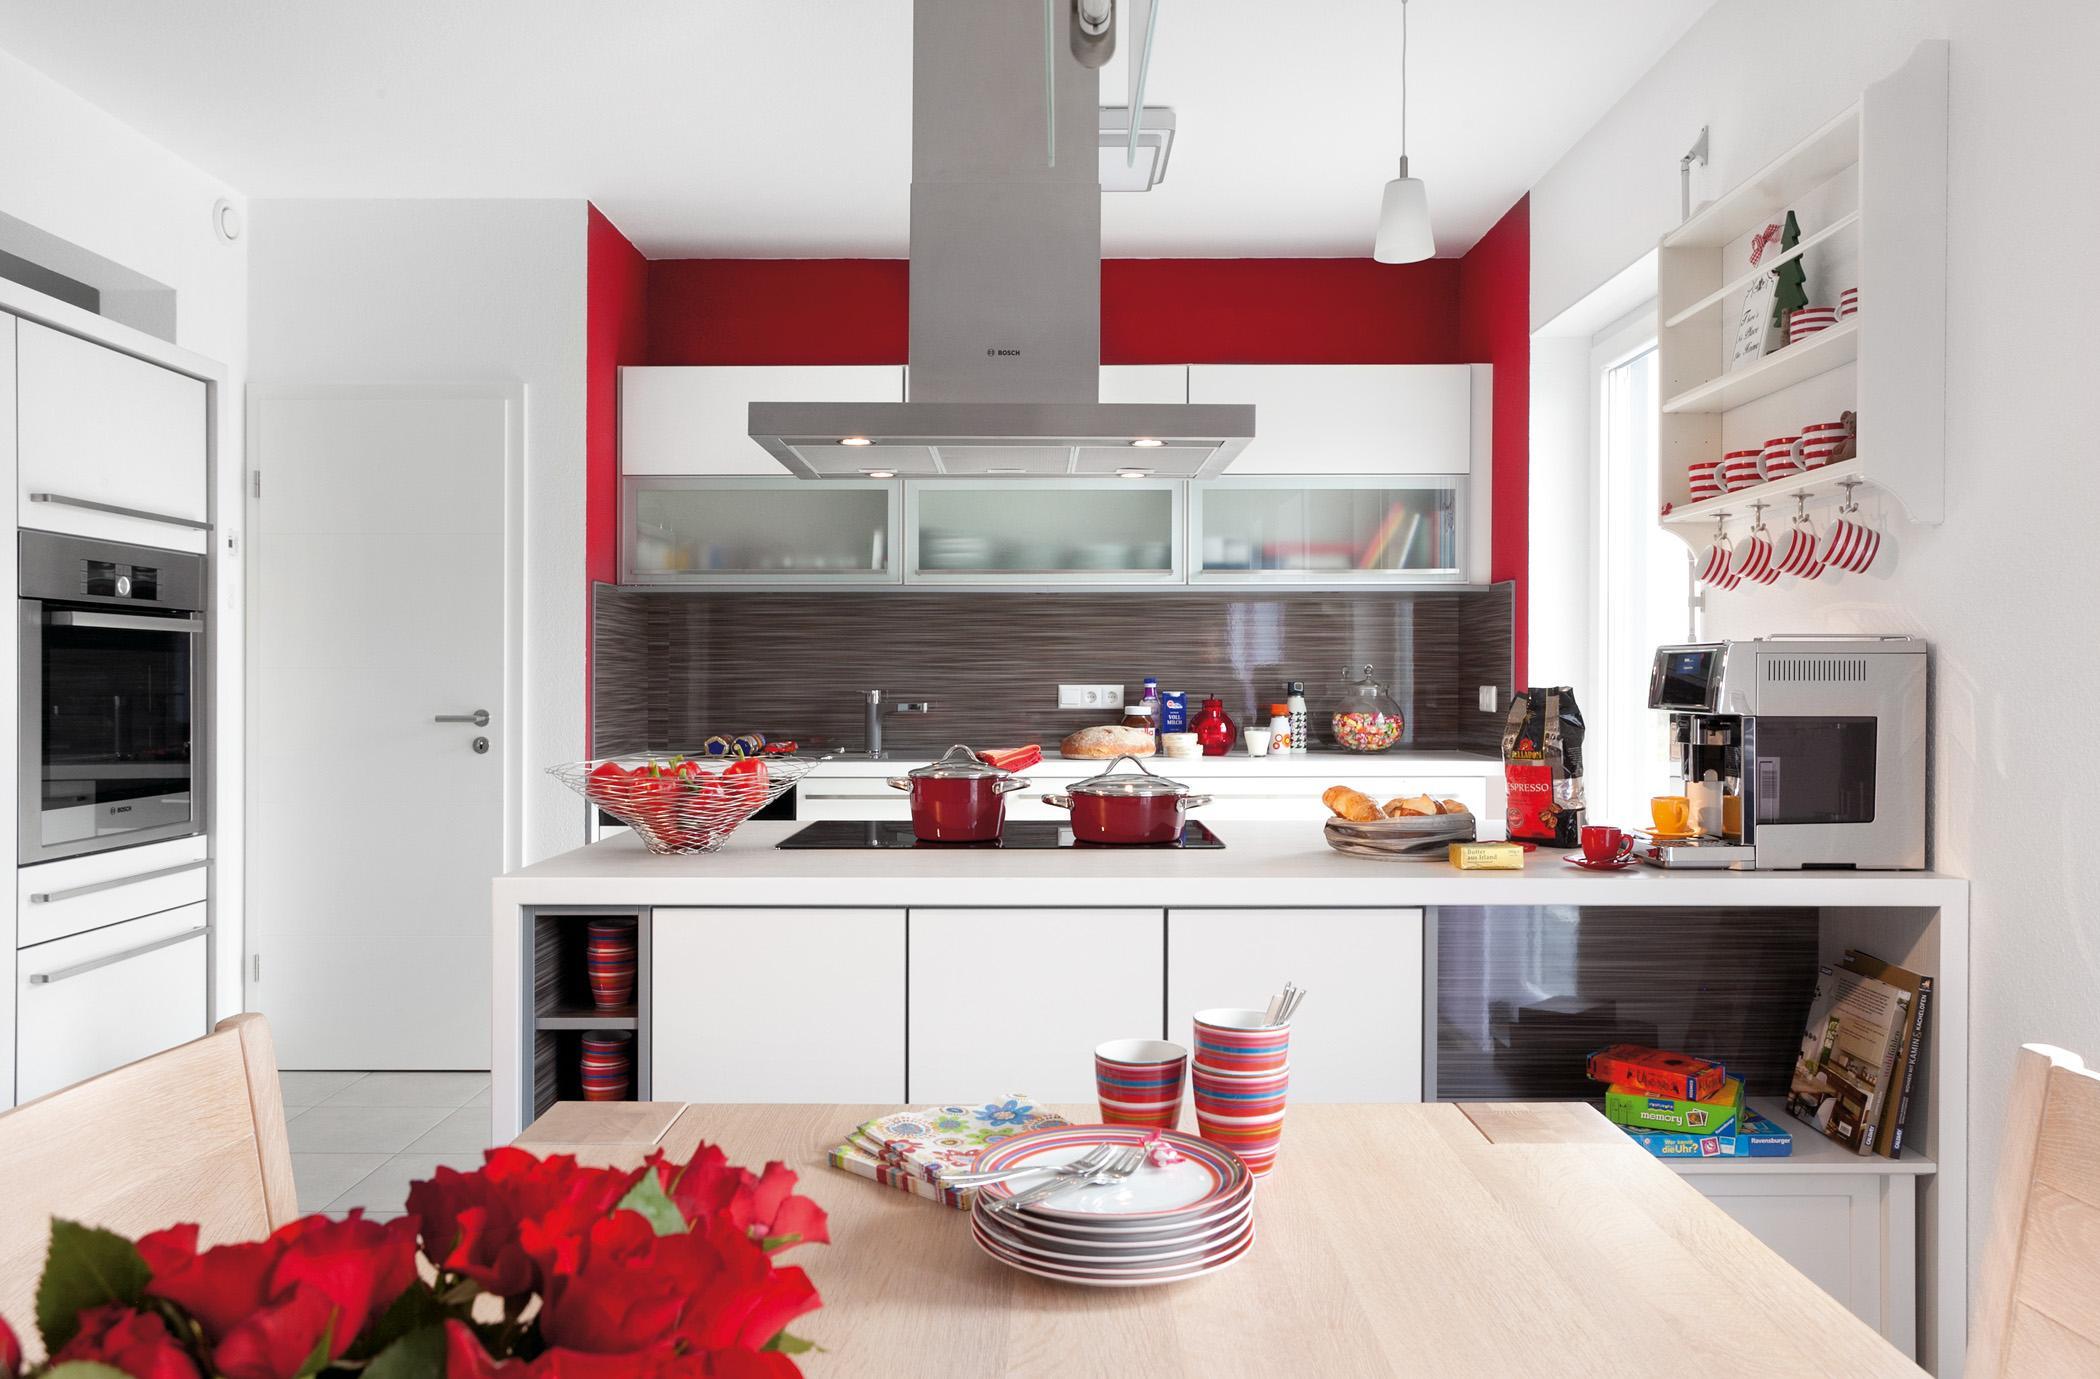 Küchenmöbel Bilder küchenmöbel bilder ideen couchstyle